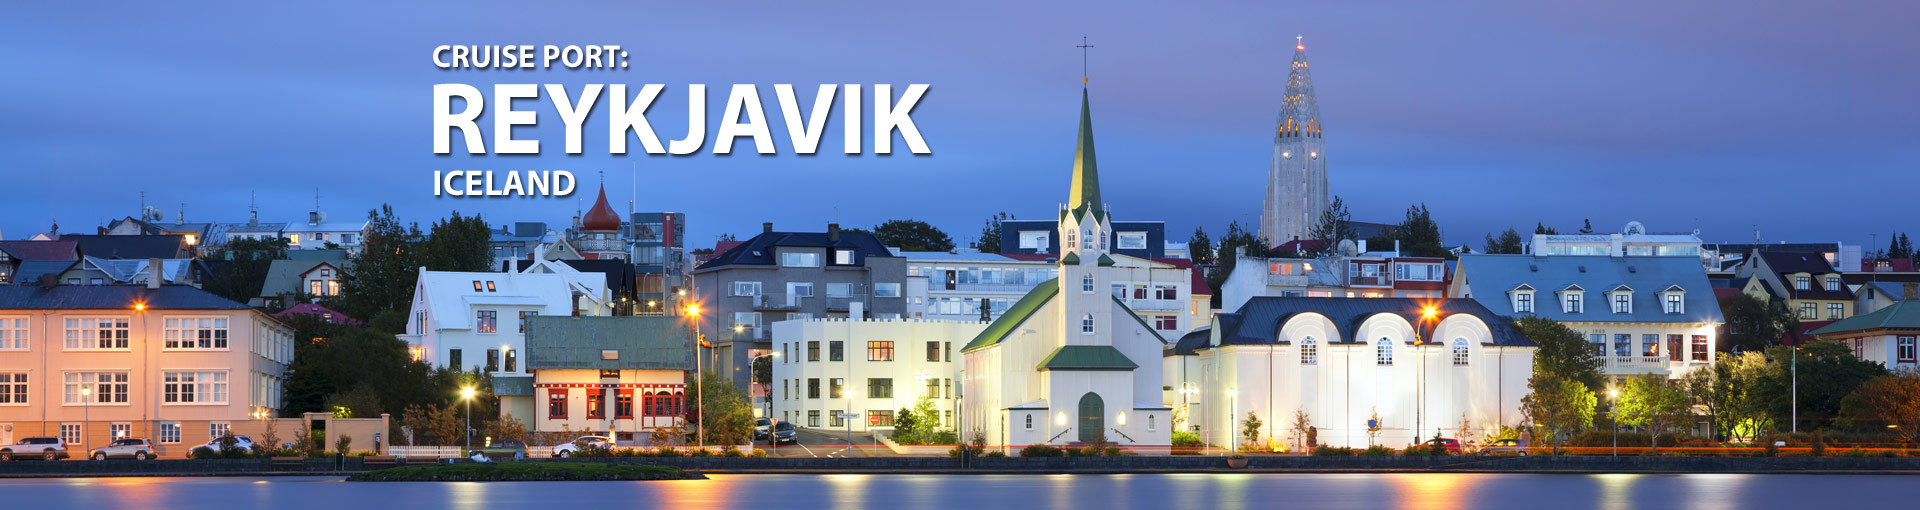 Cruises from Reykjavik, Iceland